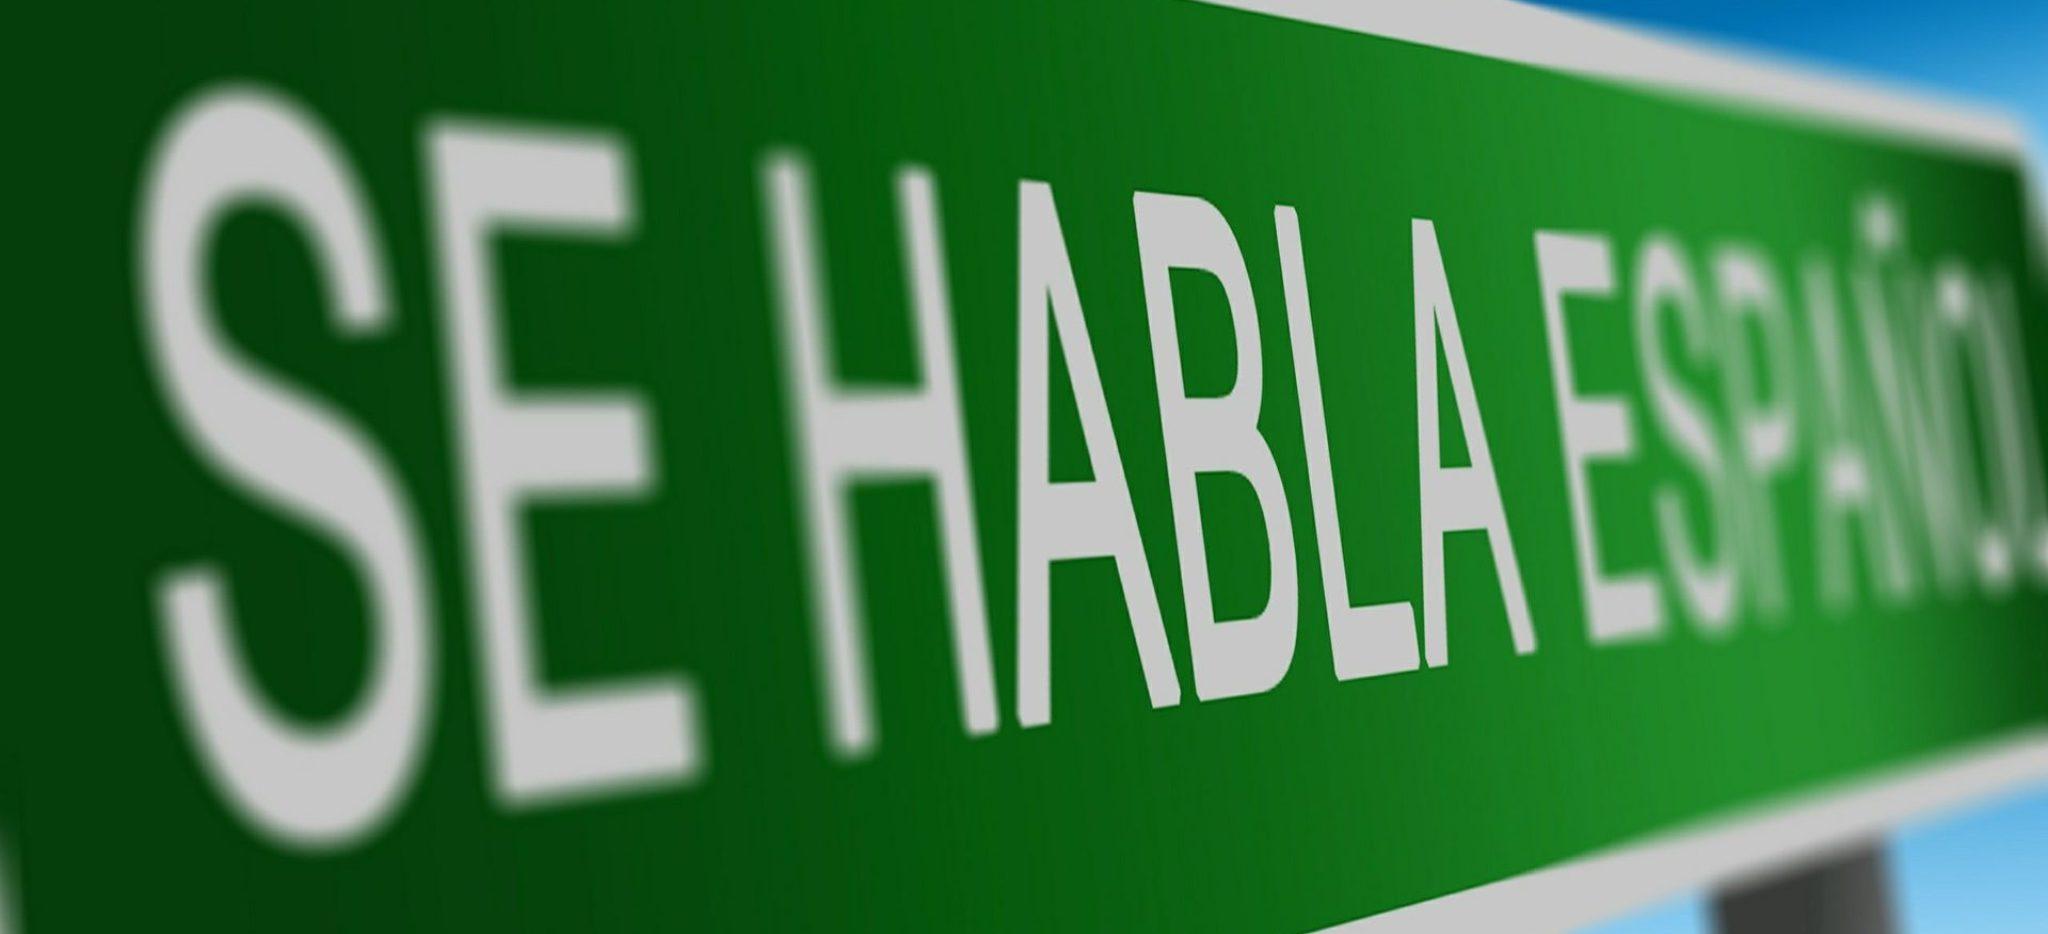 스페인어를 효율적으로 공부할 수 있는 방법들을 알아보자